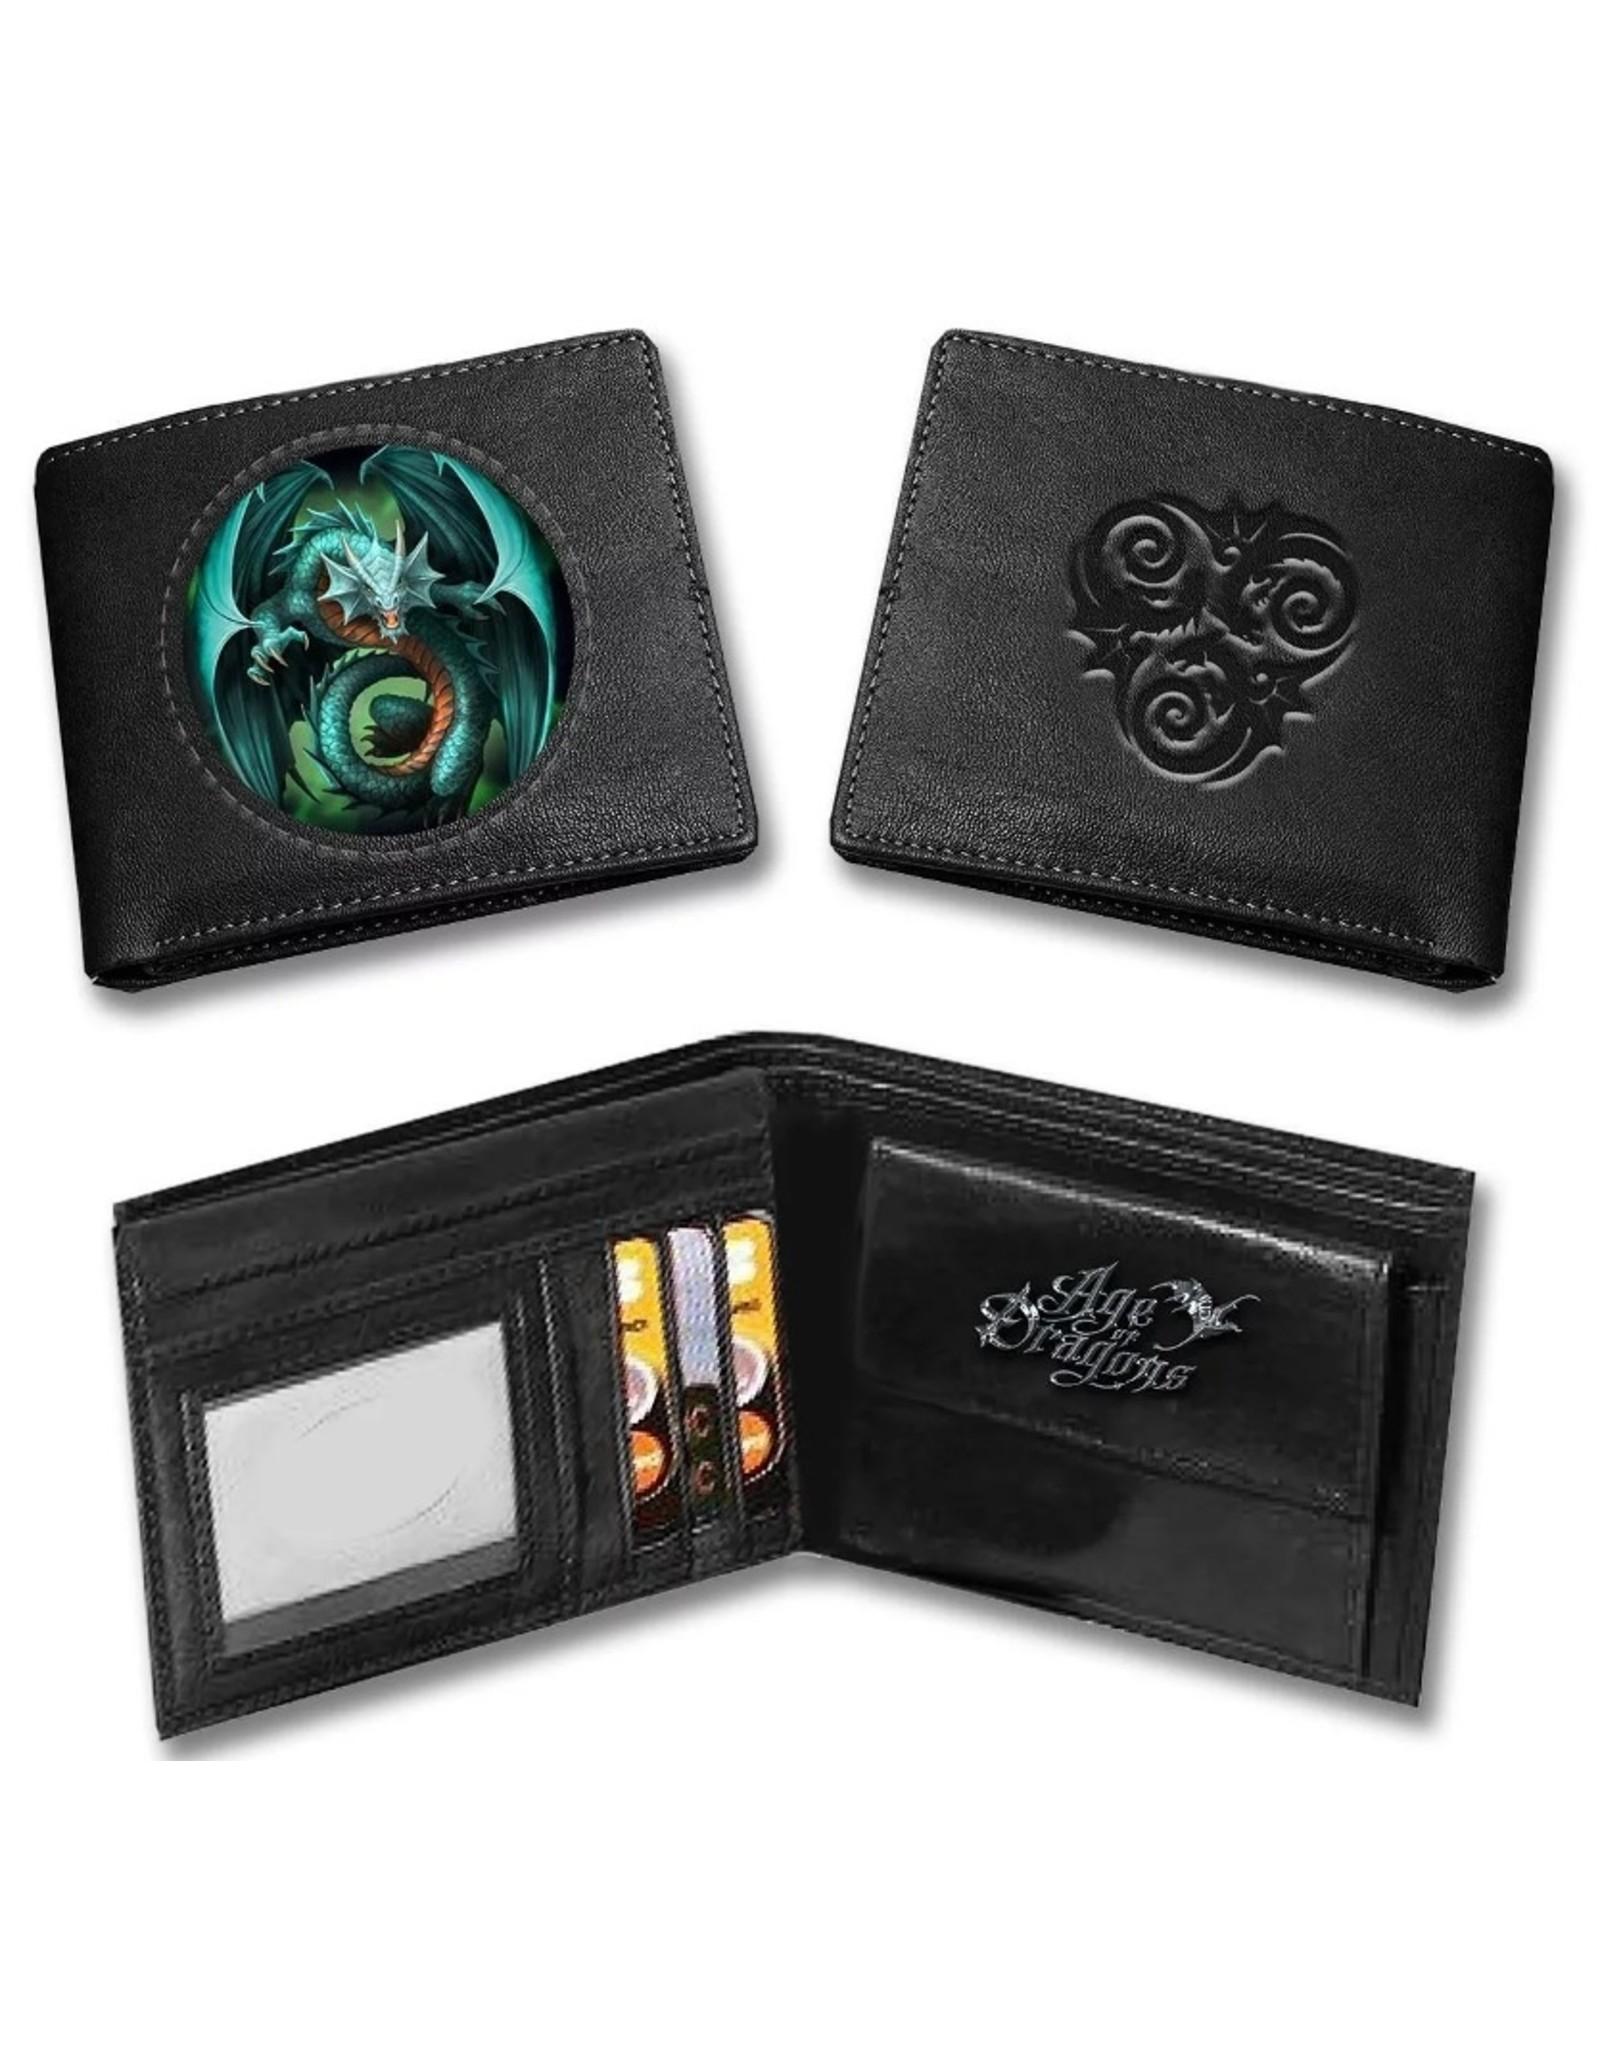 Anne Stokes Fantasy tassen en portemonnees - Anne Stokes 3D portemonnee Fire Breather (Age of Dragons)